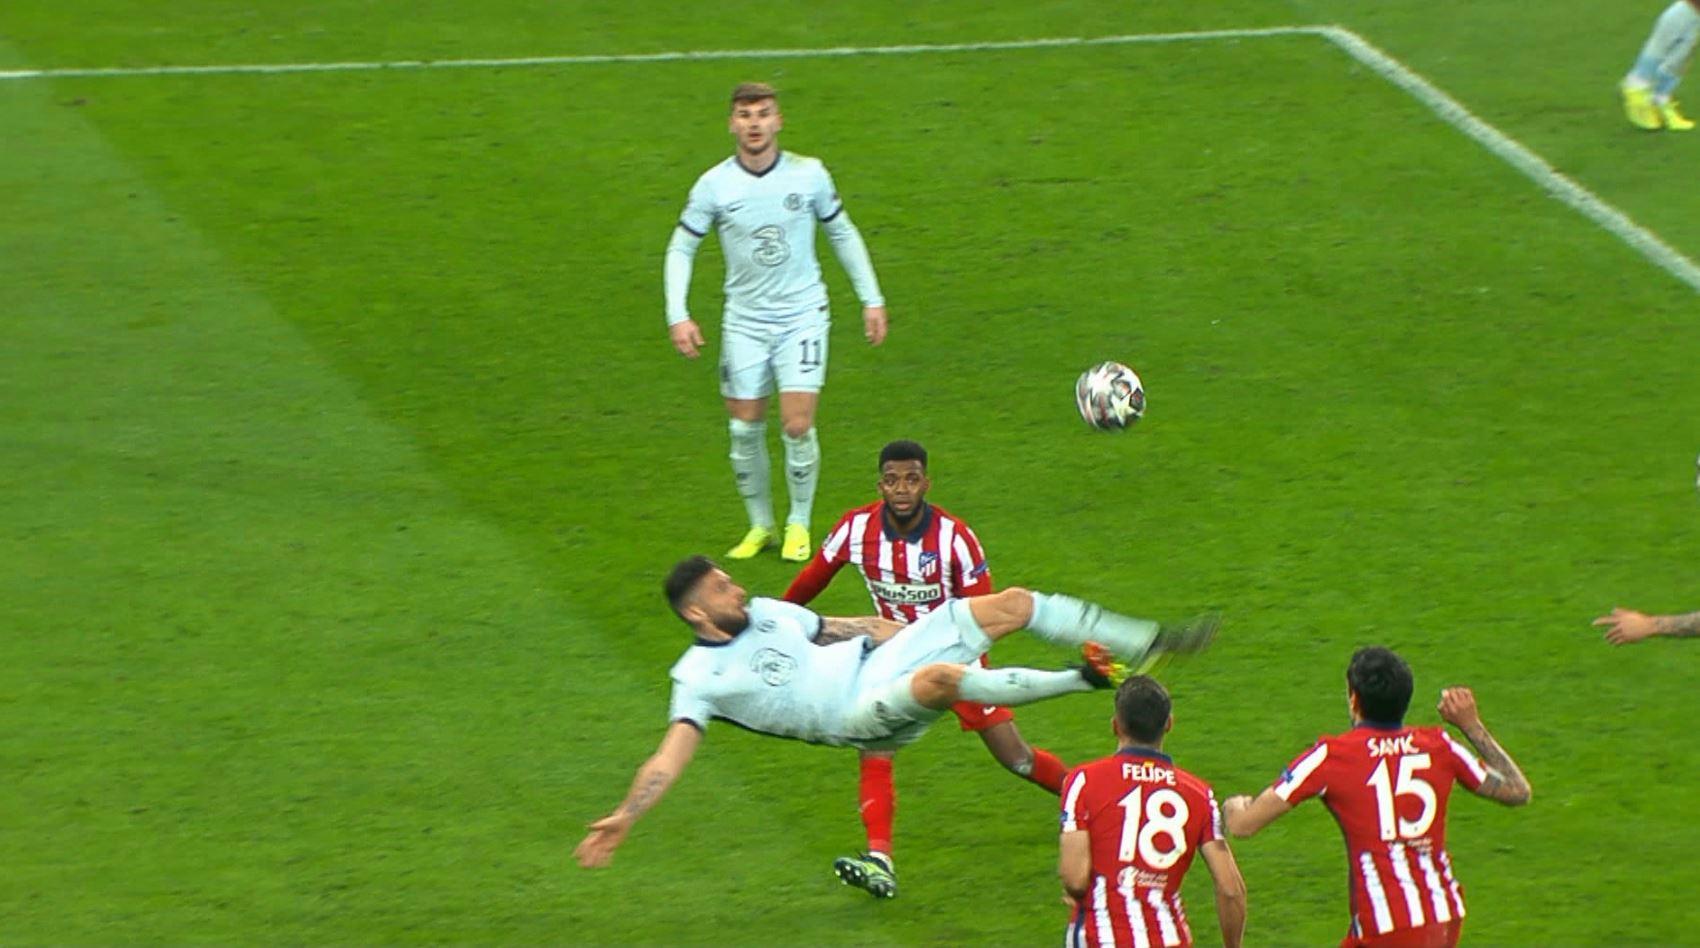 Olivier Giroud, gol de poveste pe Arena Națională! Cum a marcat împotriva lui Atletico. A fost nevoie de intervenția VAR